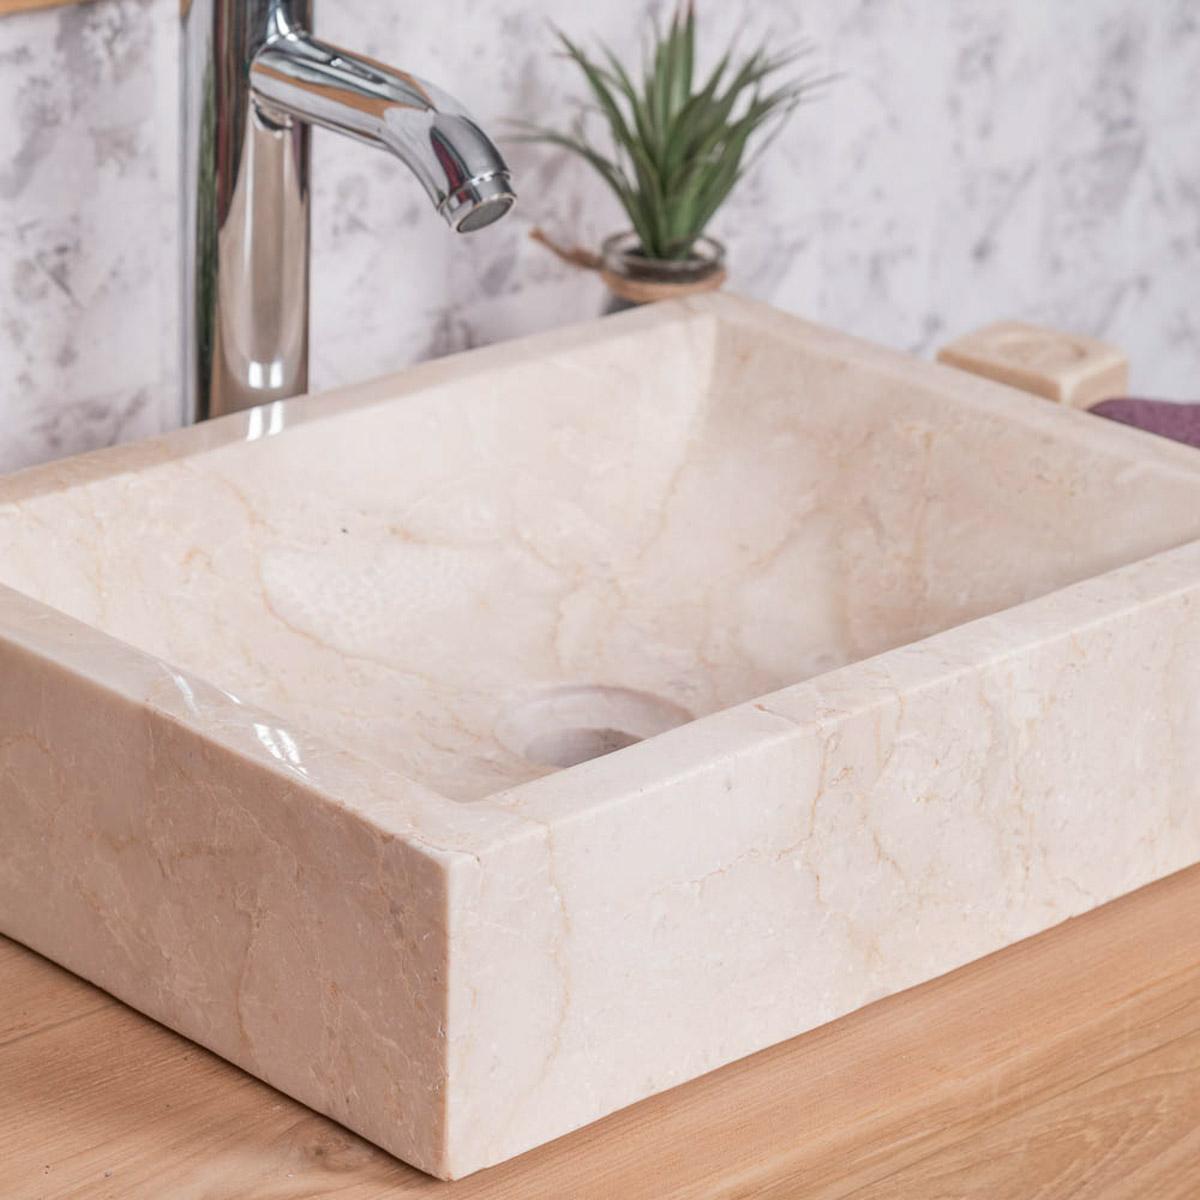 Etagere Pour Vasque A Poser vasque salle de bain à poser alexandrie rectangle 30cm x 40cm crème